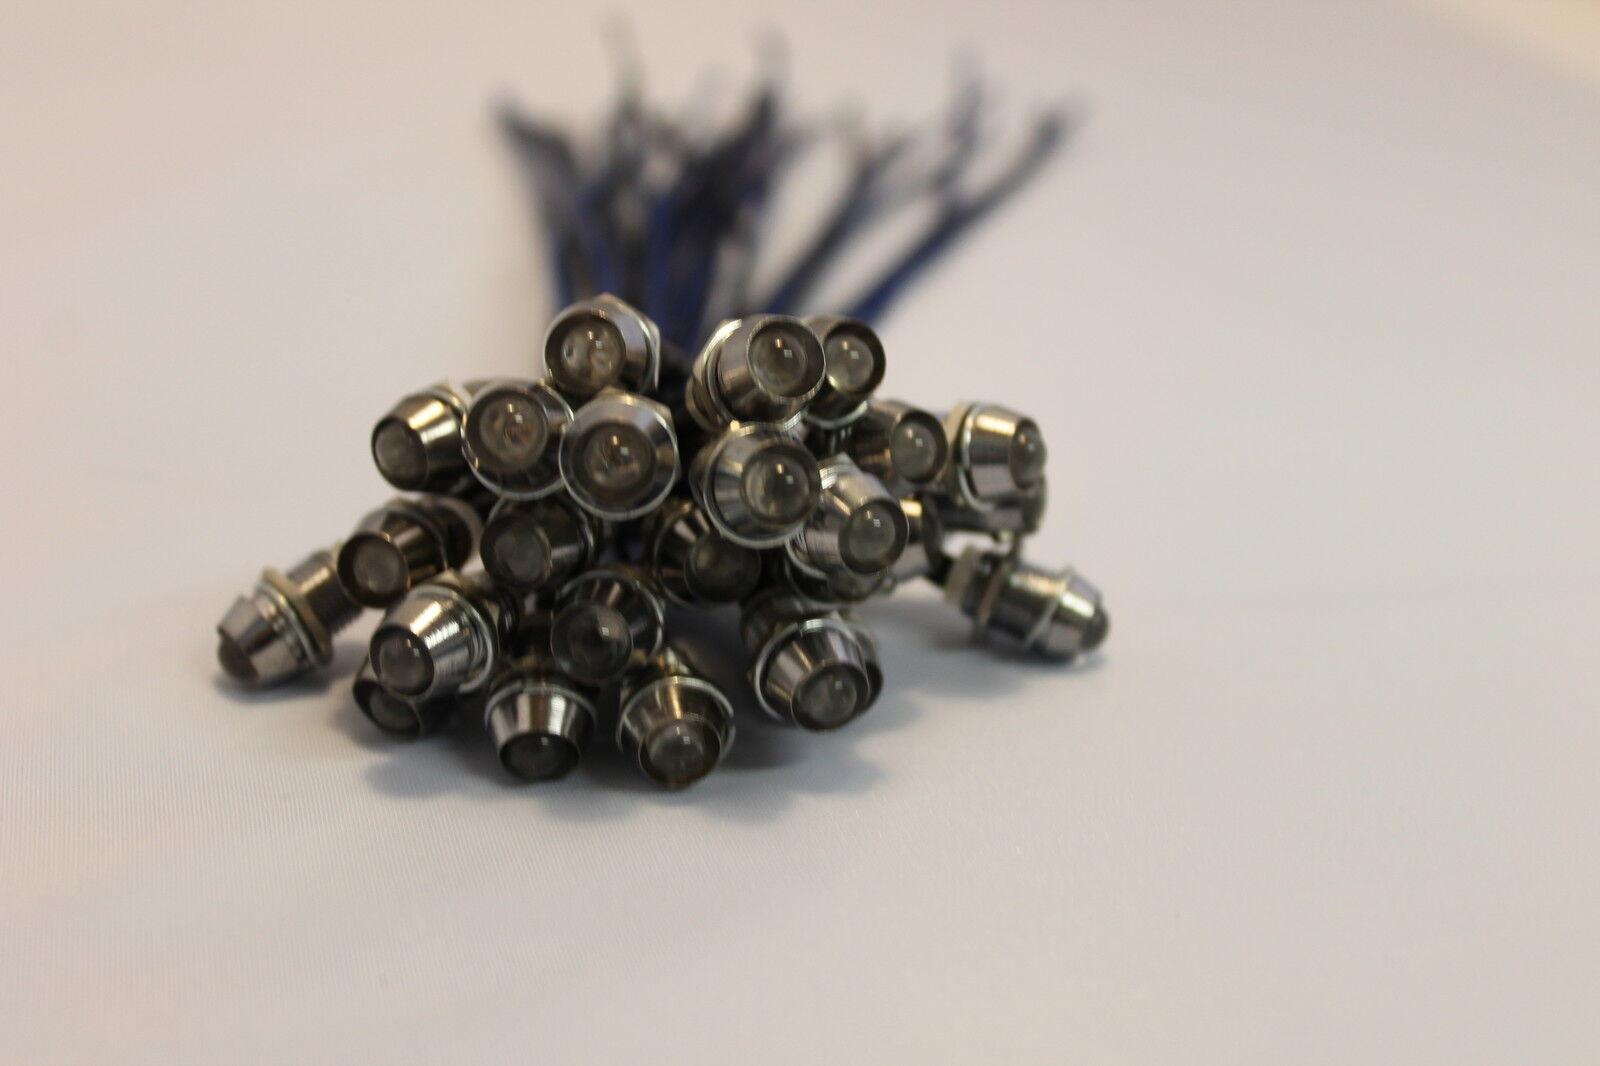 Set 50er Lichtpunkte Sternenhimmel 12V IP68 wasserdicht mit LED Trafo     | Stil  | Kunde zuerst  | Ruf zuerst